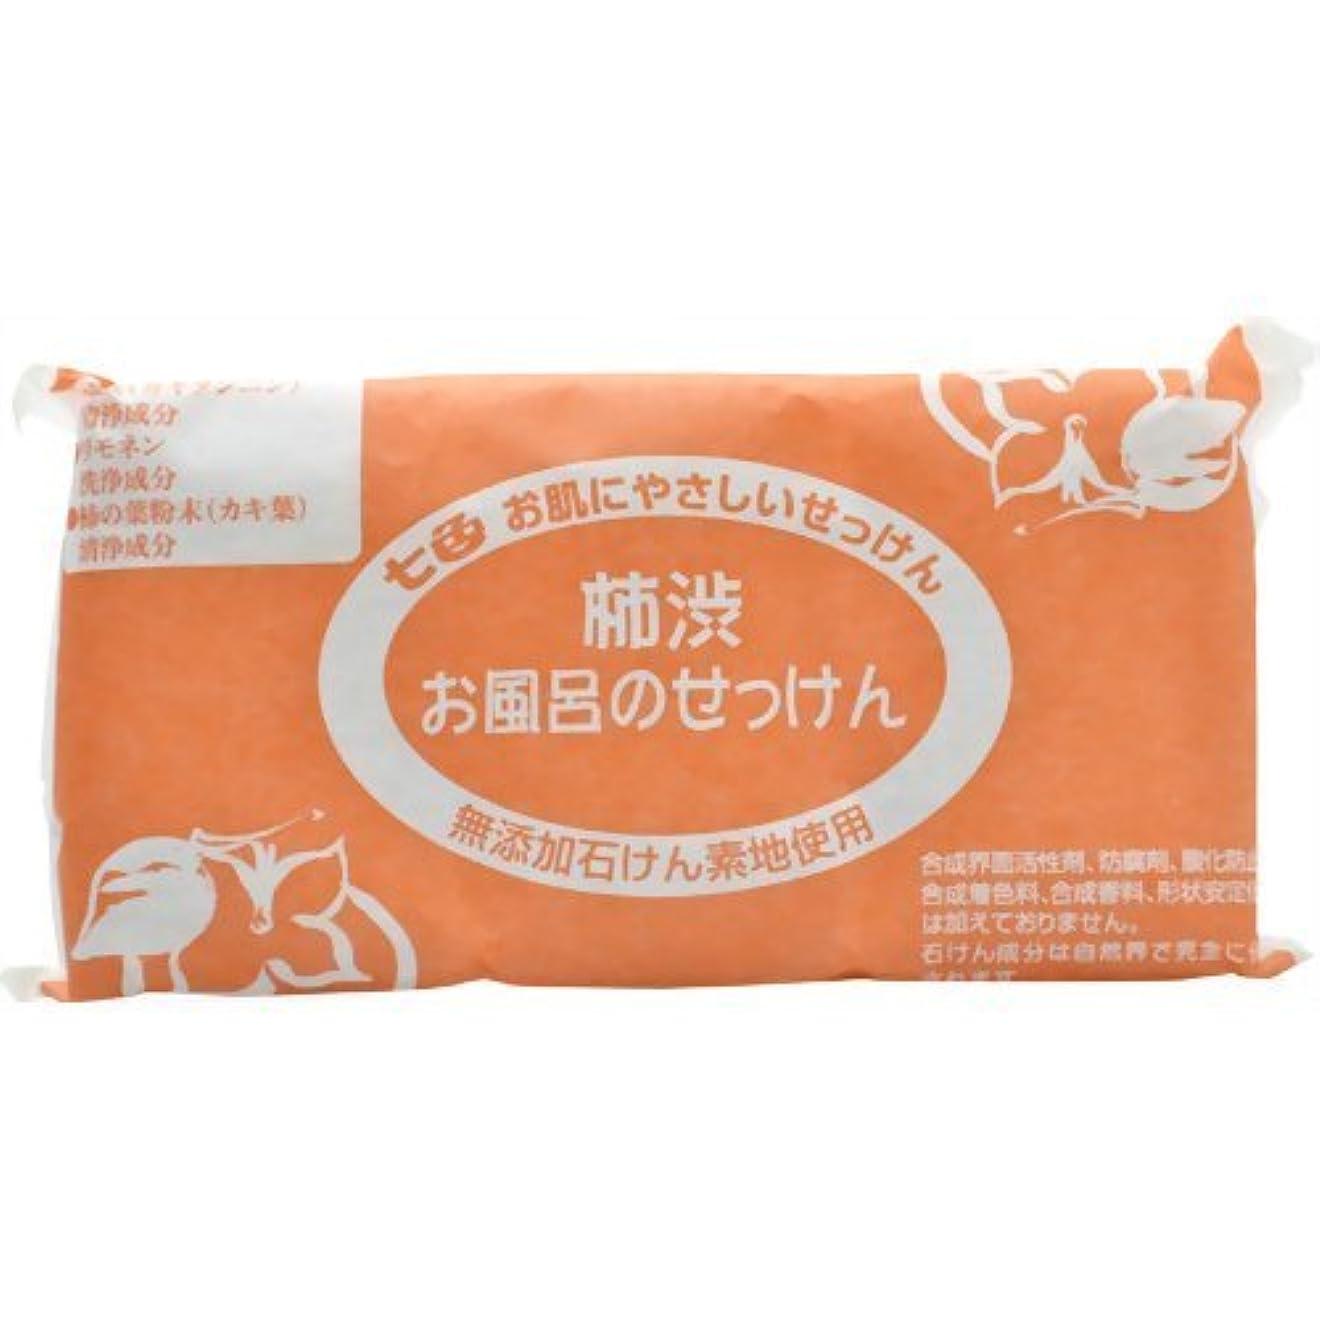 医師コンデンサーおびえた七色 お風呂のせっけん 柿渋(無添加石鹸) 100g×3個入